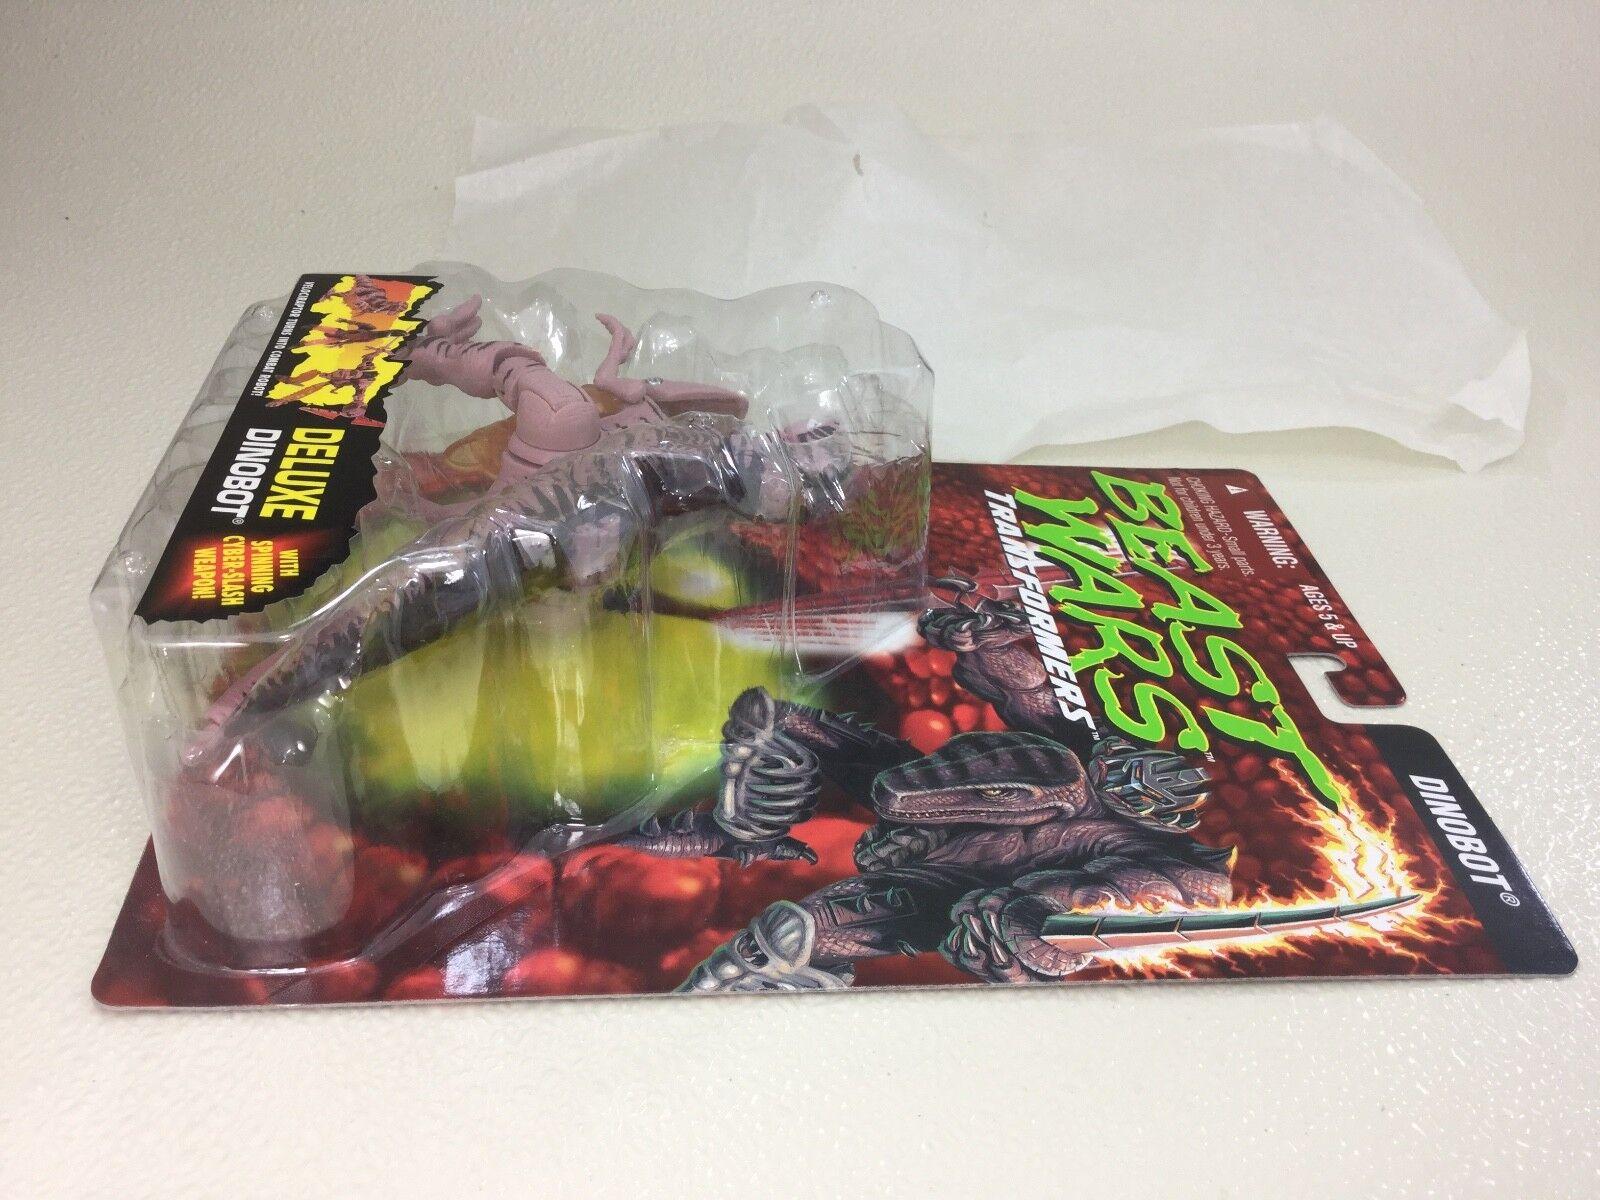 UNRELEASED TEST PACKAGING Transformers Beast Wars Dinobot Rock Packaging w  pips